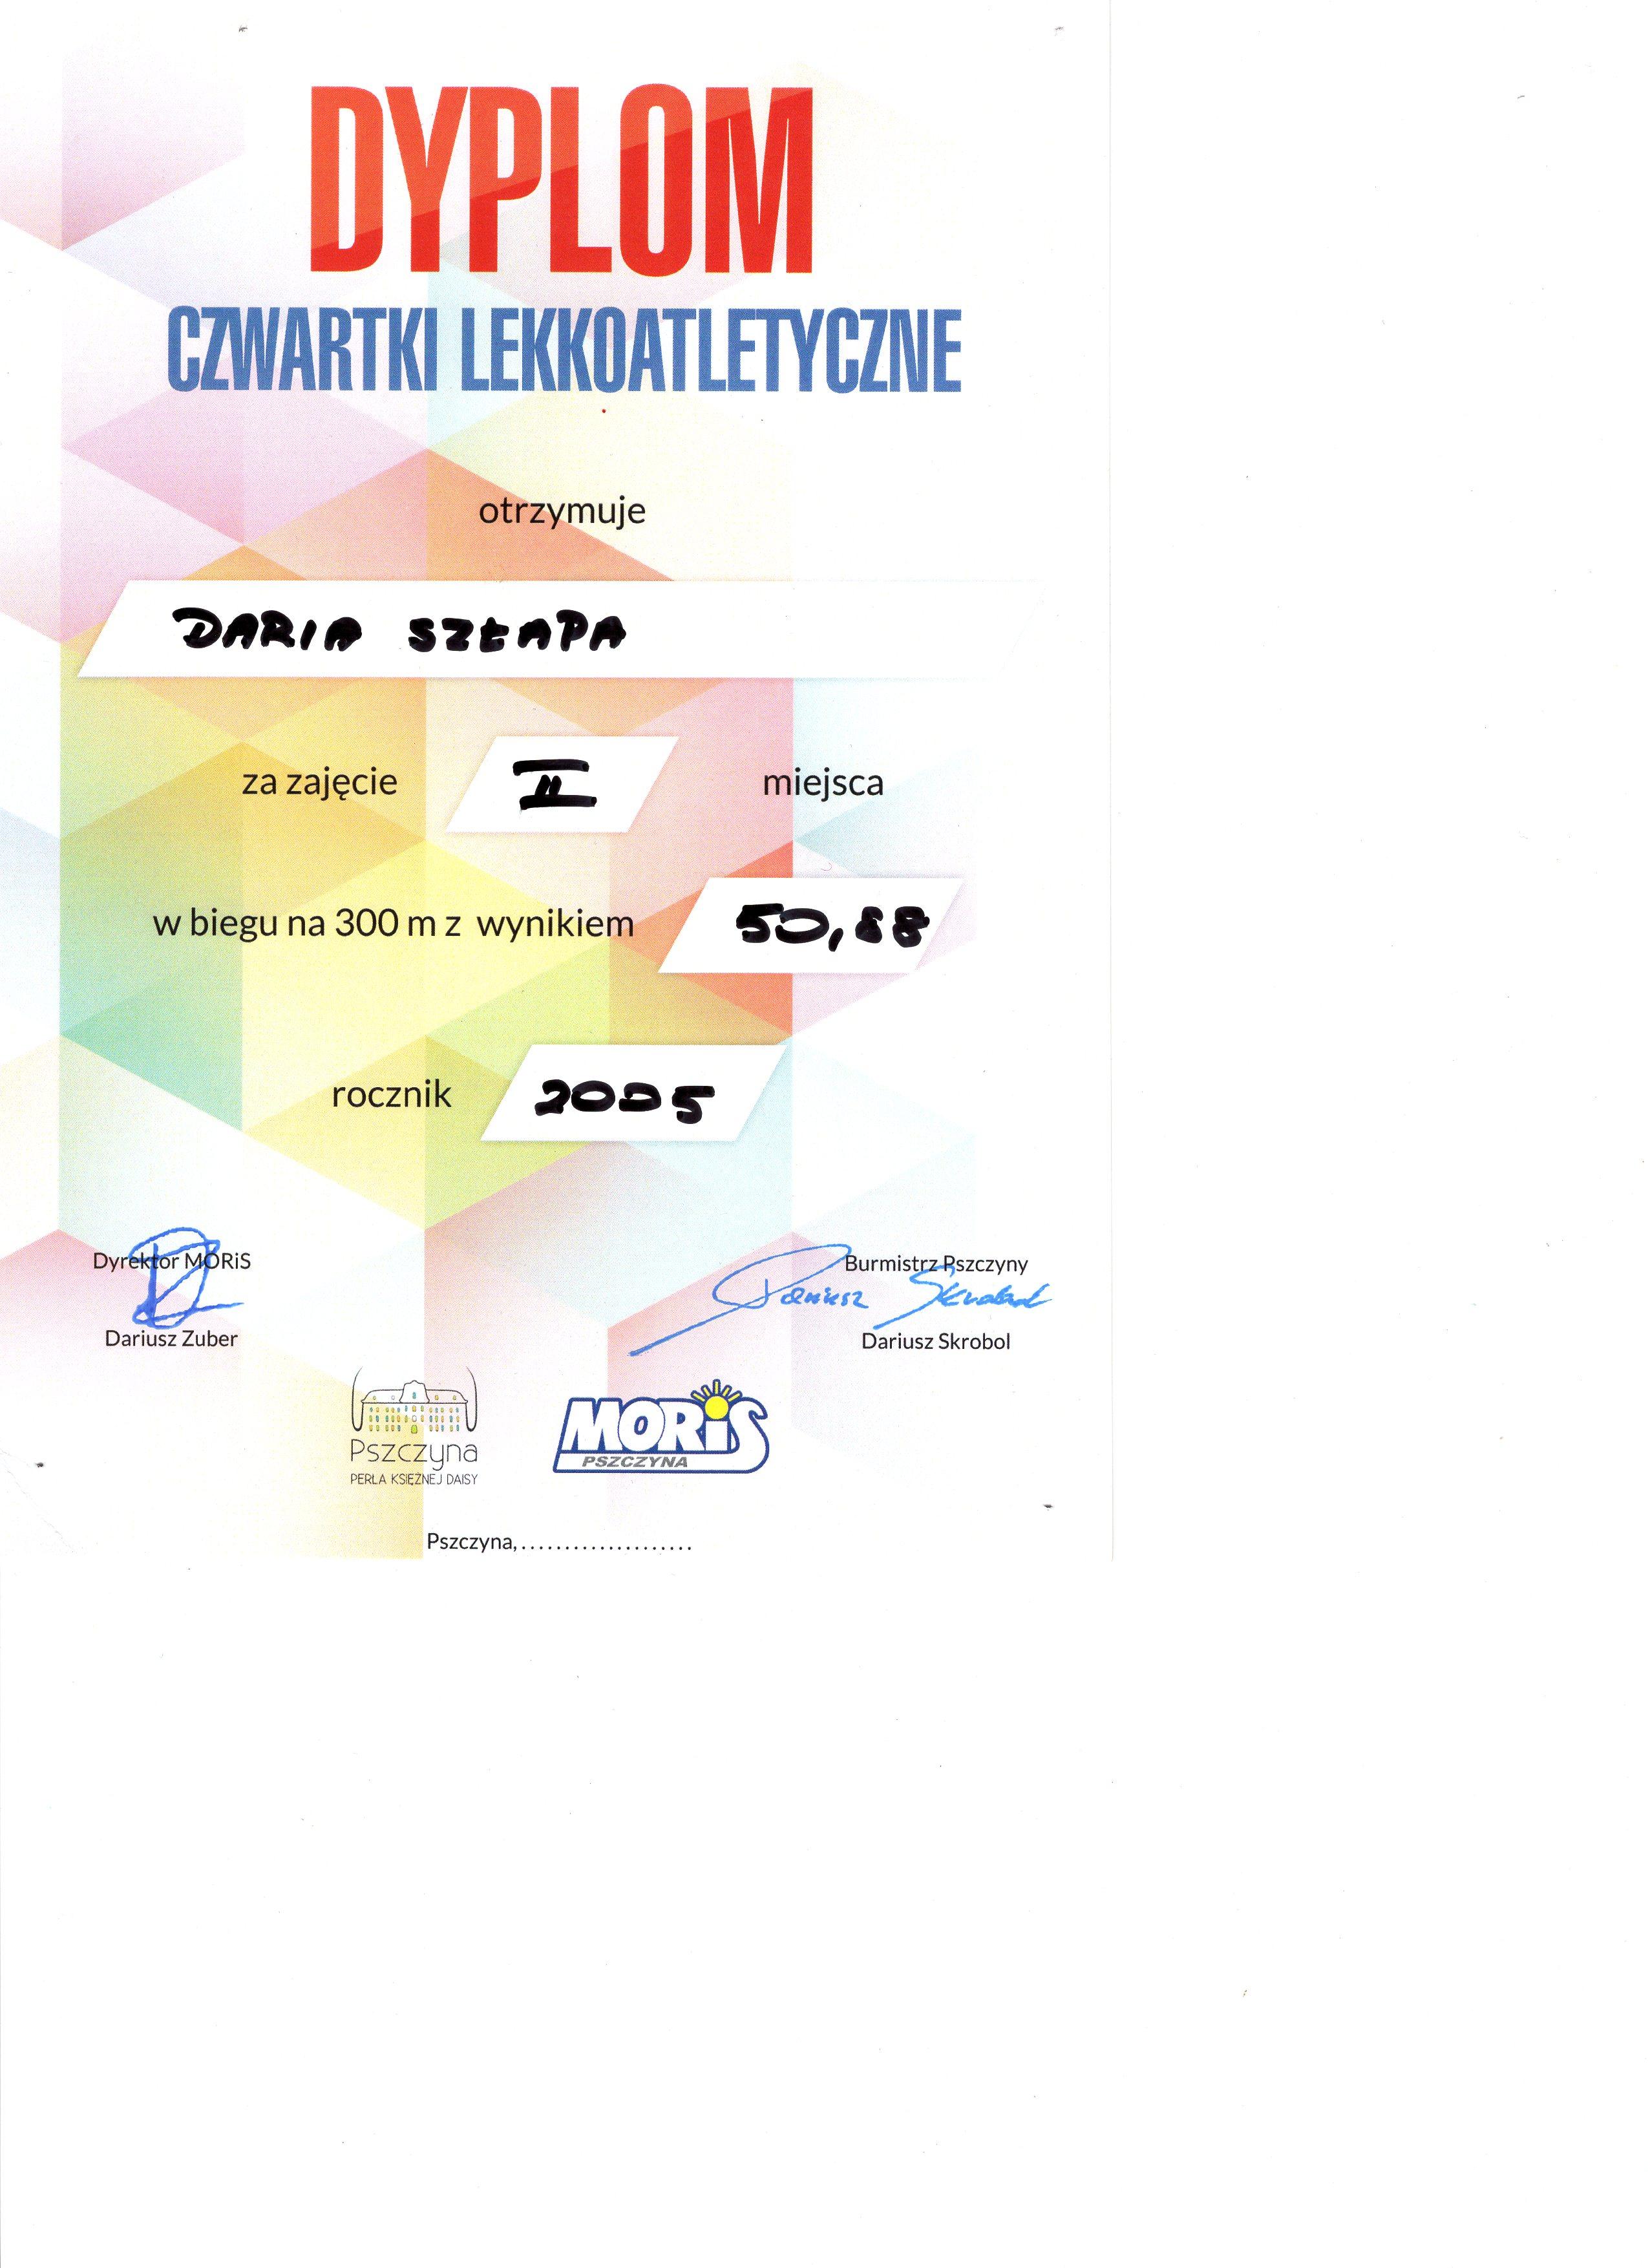 Czwartki014